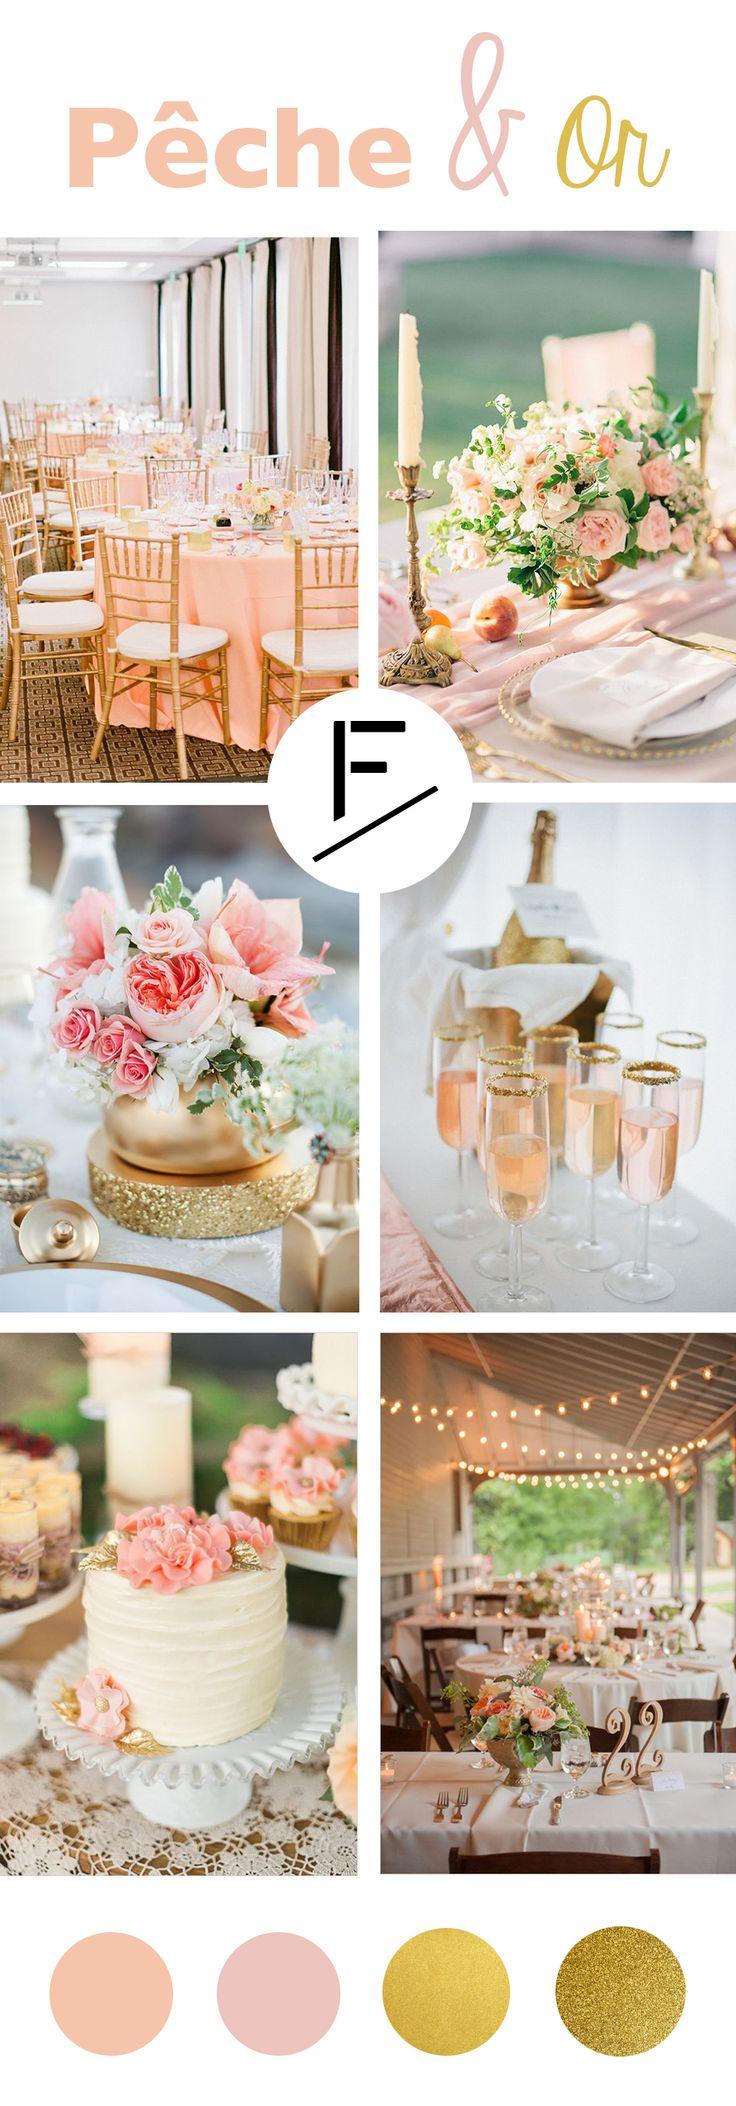 Pêche & Or : une tendance chic et raffinée pour un mariage à votre image.